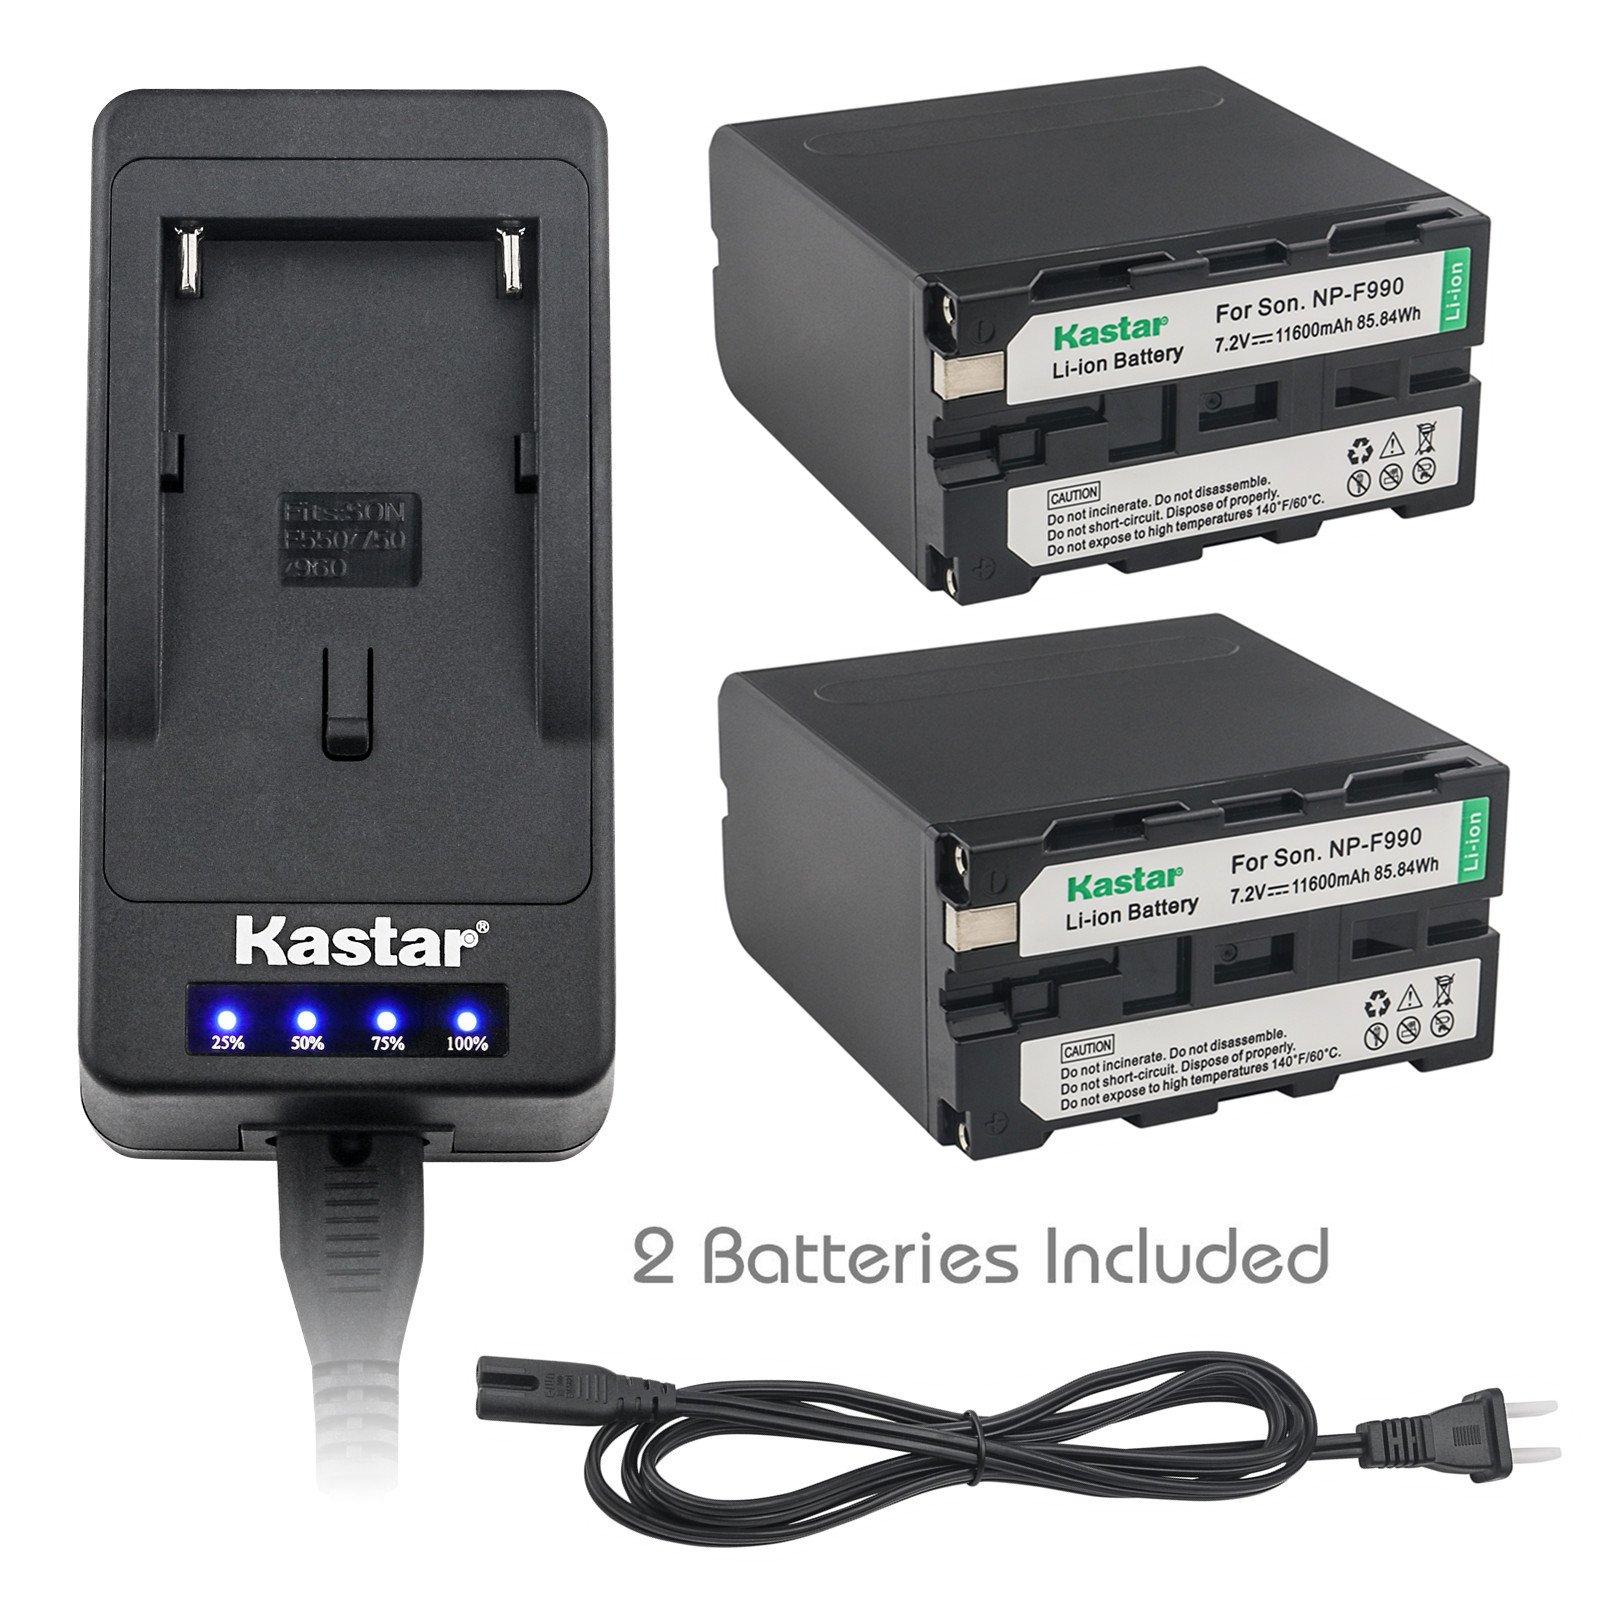 Kastar LED Super Fast Charger & Camcorder Battery X2 for Sony NP-F990 NP-F975 NP-F970 NP-F960 NP-F950 NP-F930 NP-F770 NP-F750 NP-F730 NP-F570 NP-F550 NP-F530 NP-F330 Battery and LED Video Light by Kastar (Image #1)